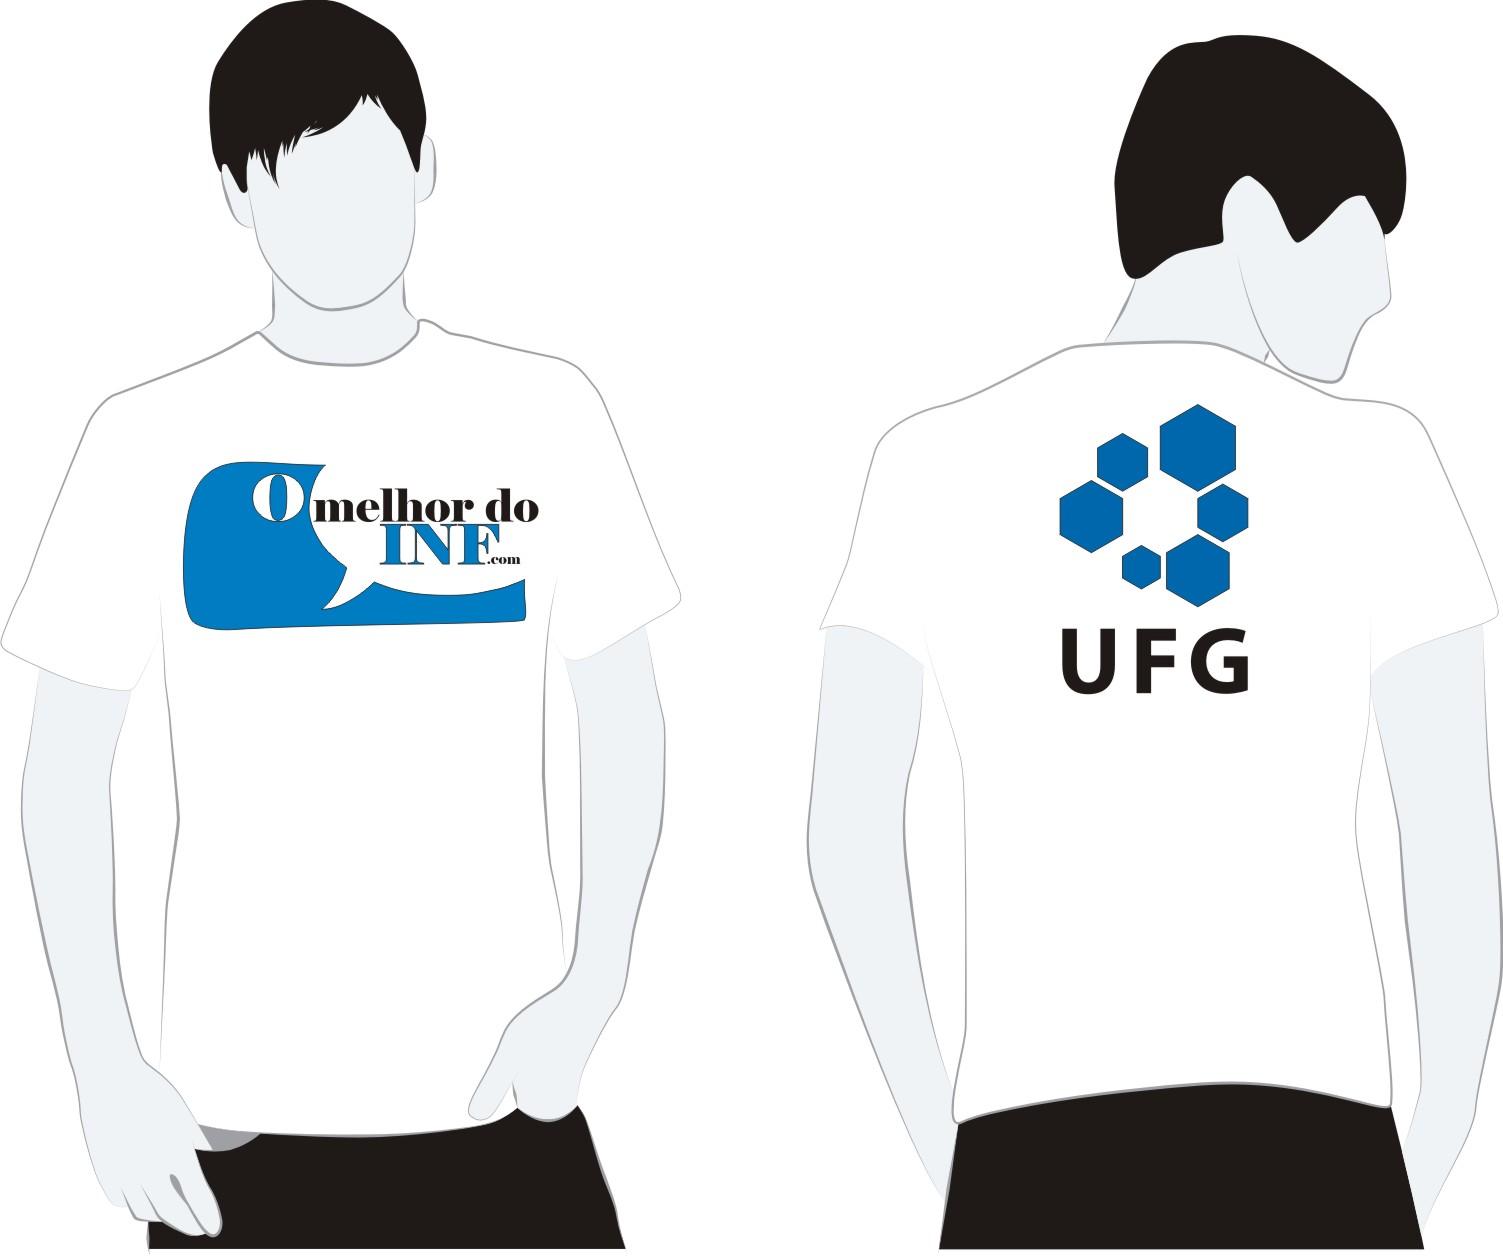 Camisetas O Melhor Do INF